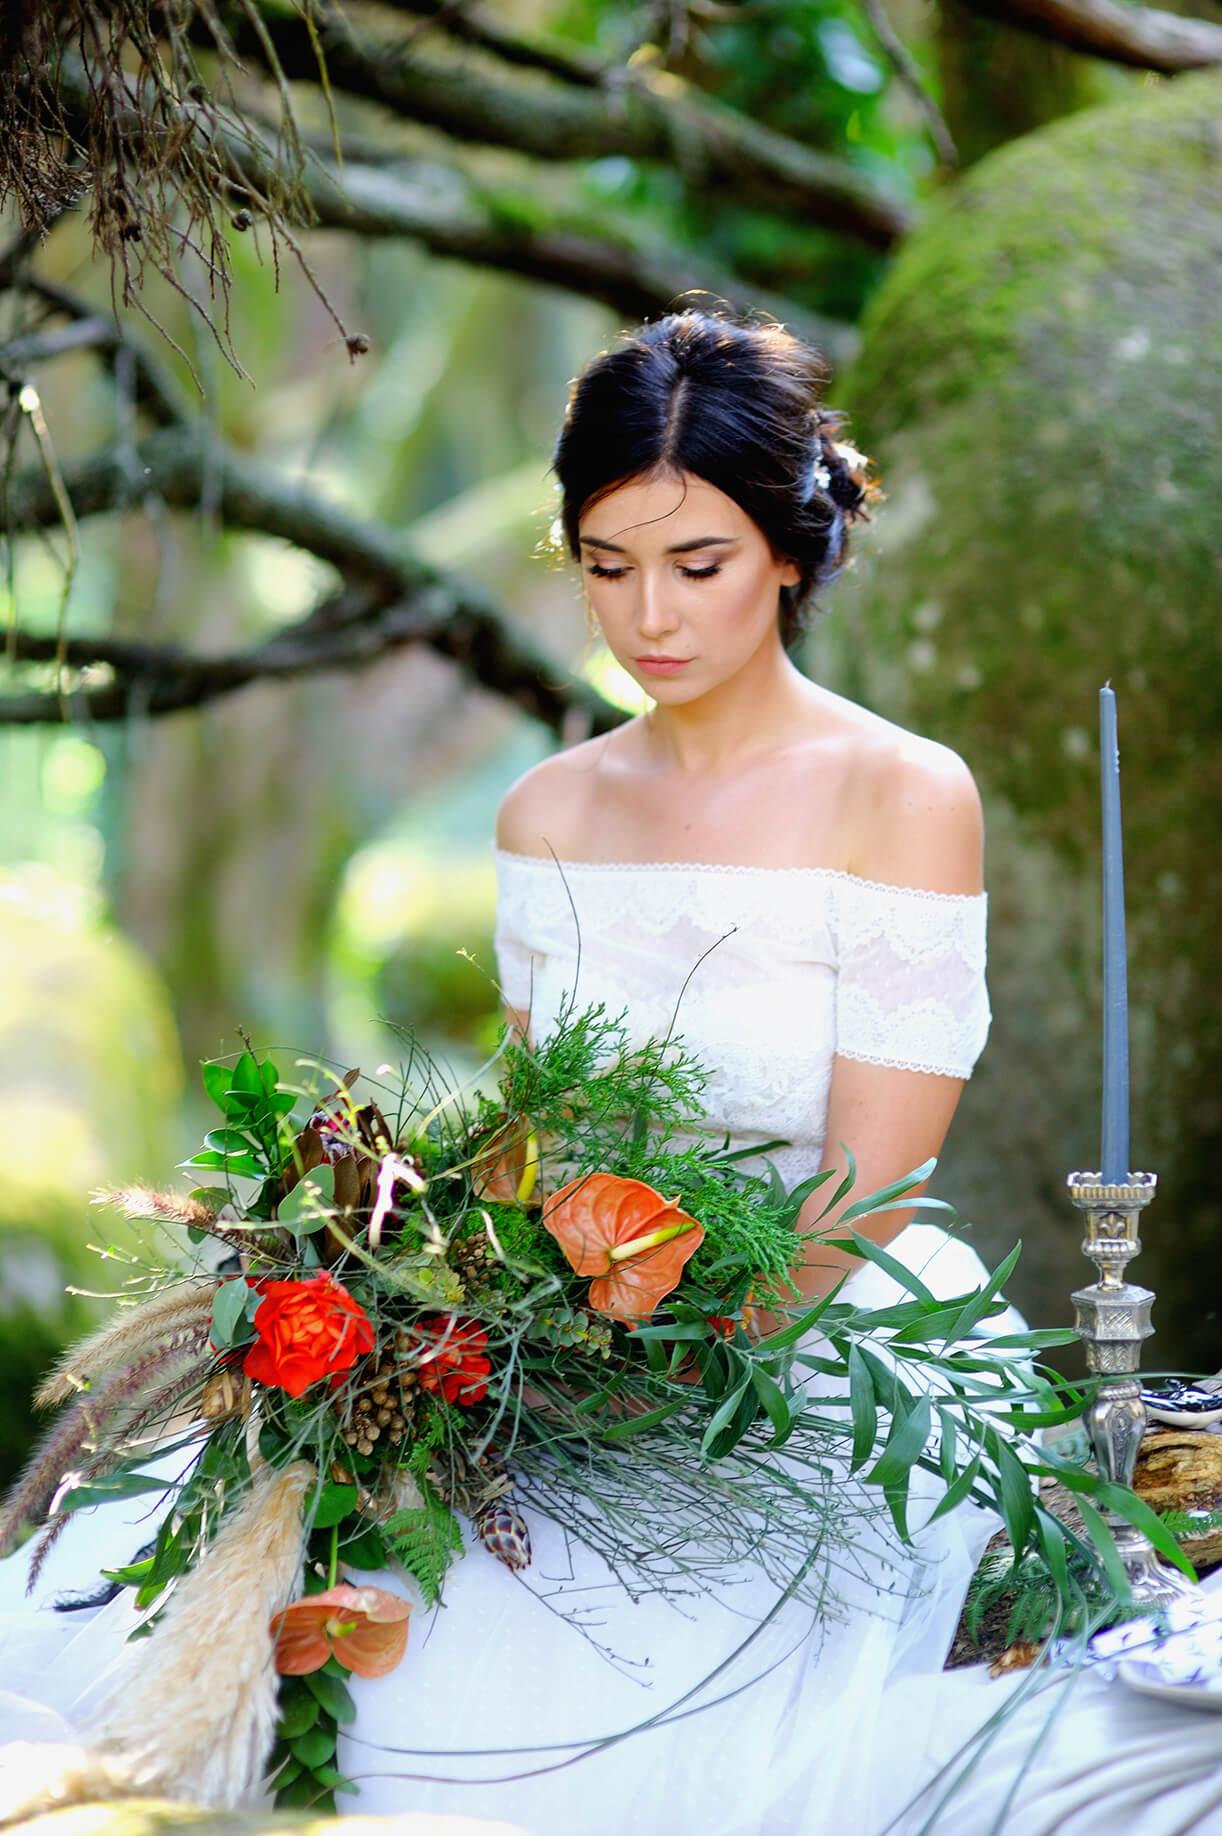 Невеста с пышным букетом в лесу. Свадебный образ